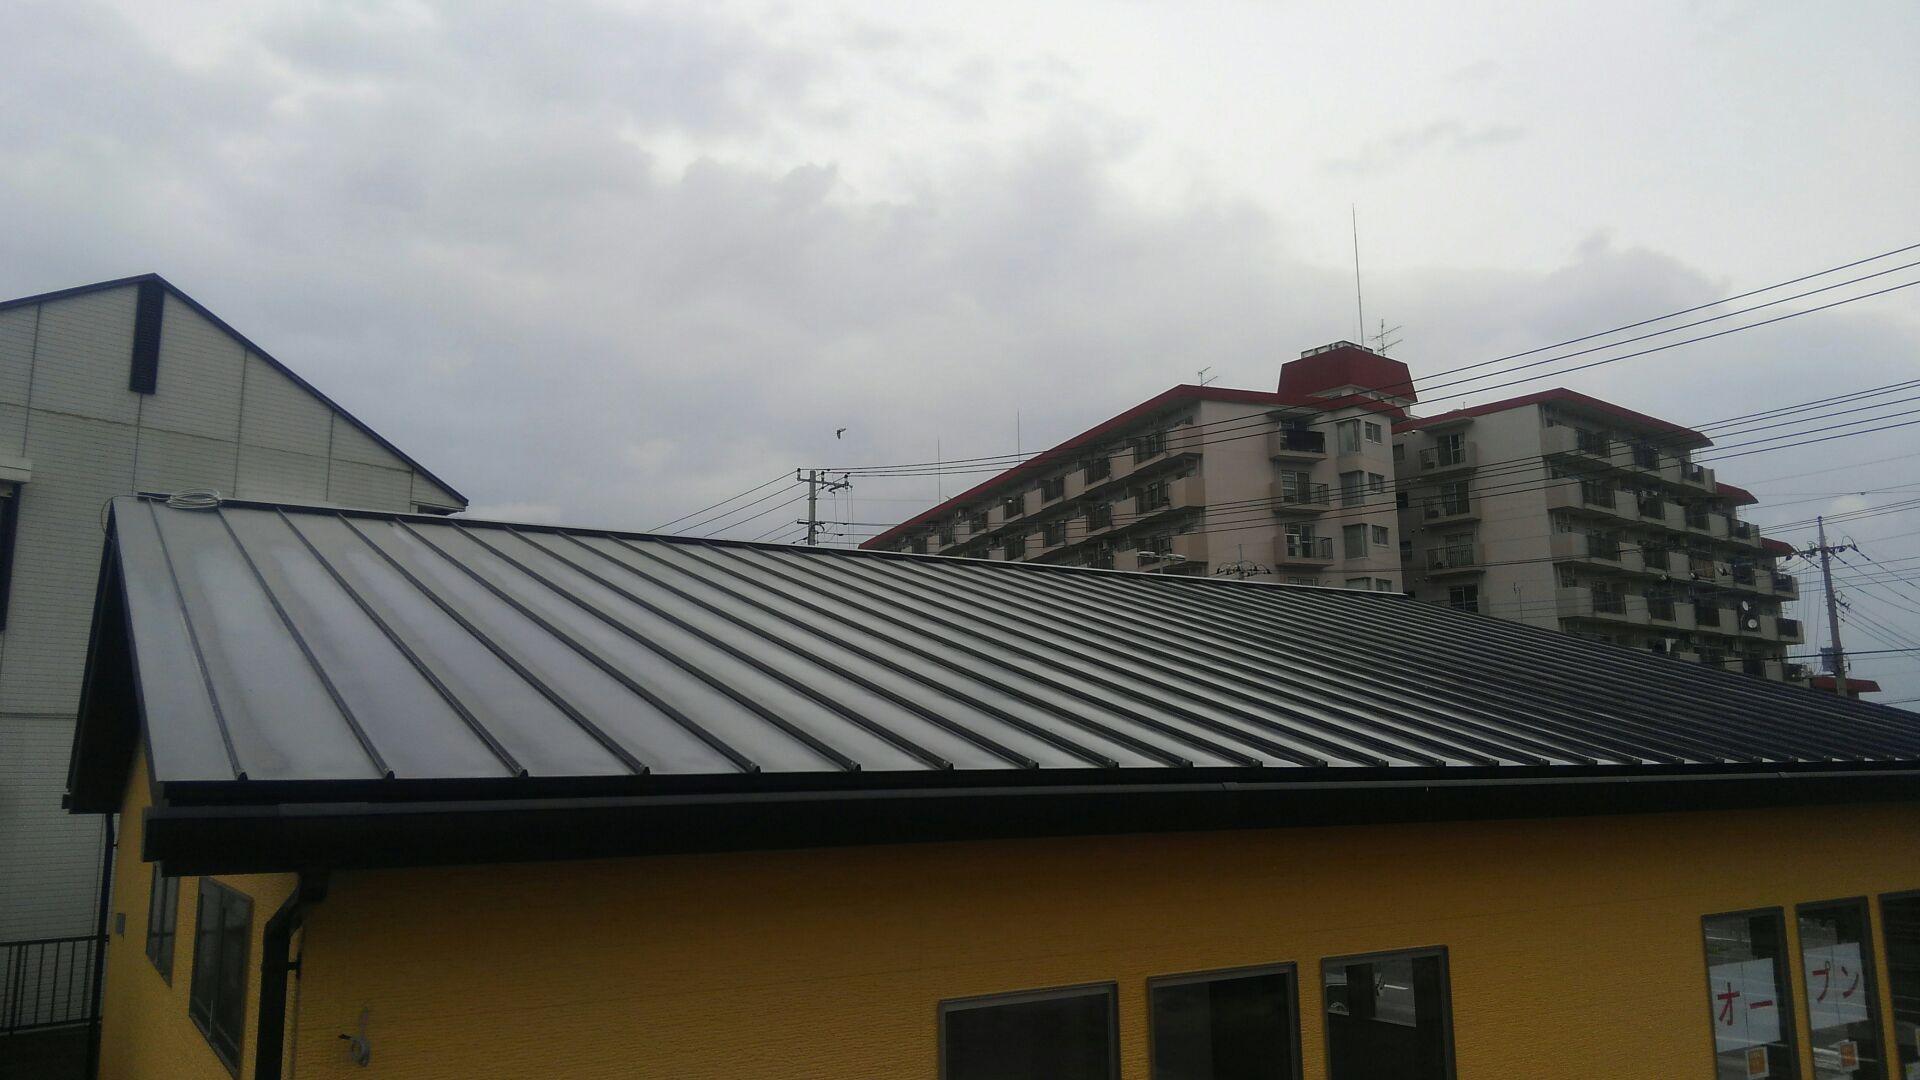 屋根工事もおわりました。 カレー屋さんはガルバ二ウム鋼板のタテハゼ屋根仕様です。 一般住宅にも使われてます。